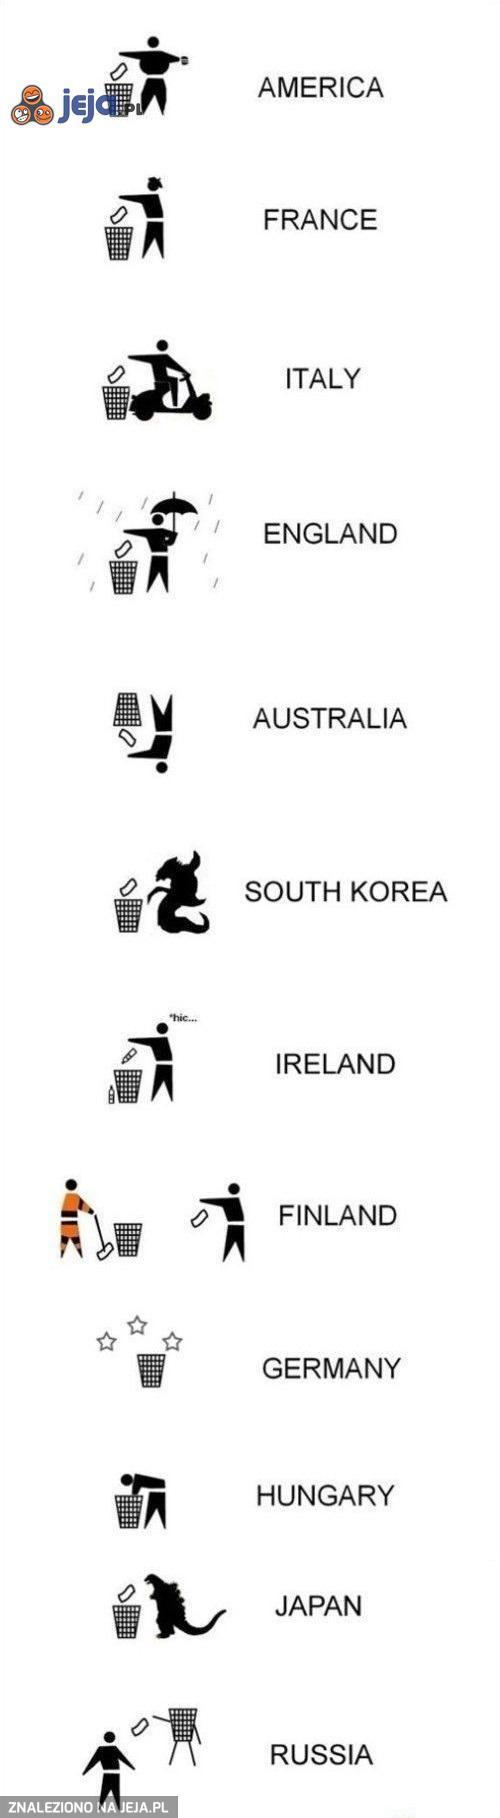 Tak się wyrzuca śmieci w różnych krajach